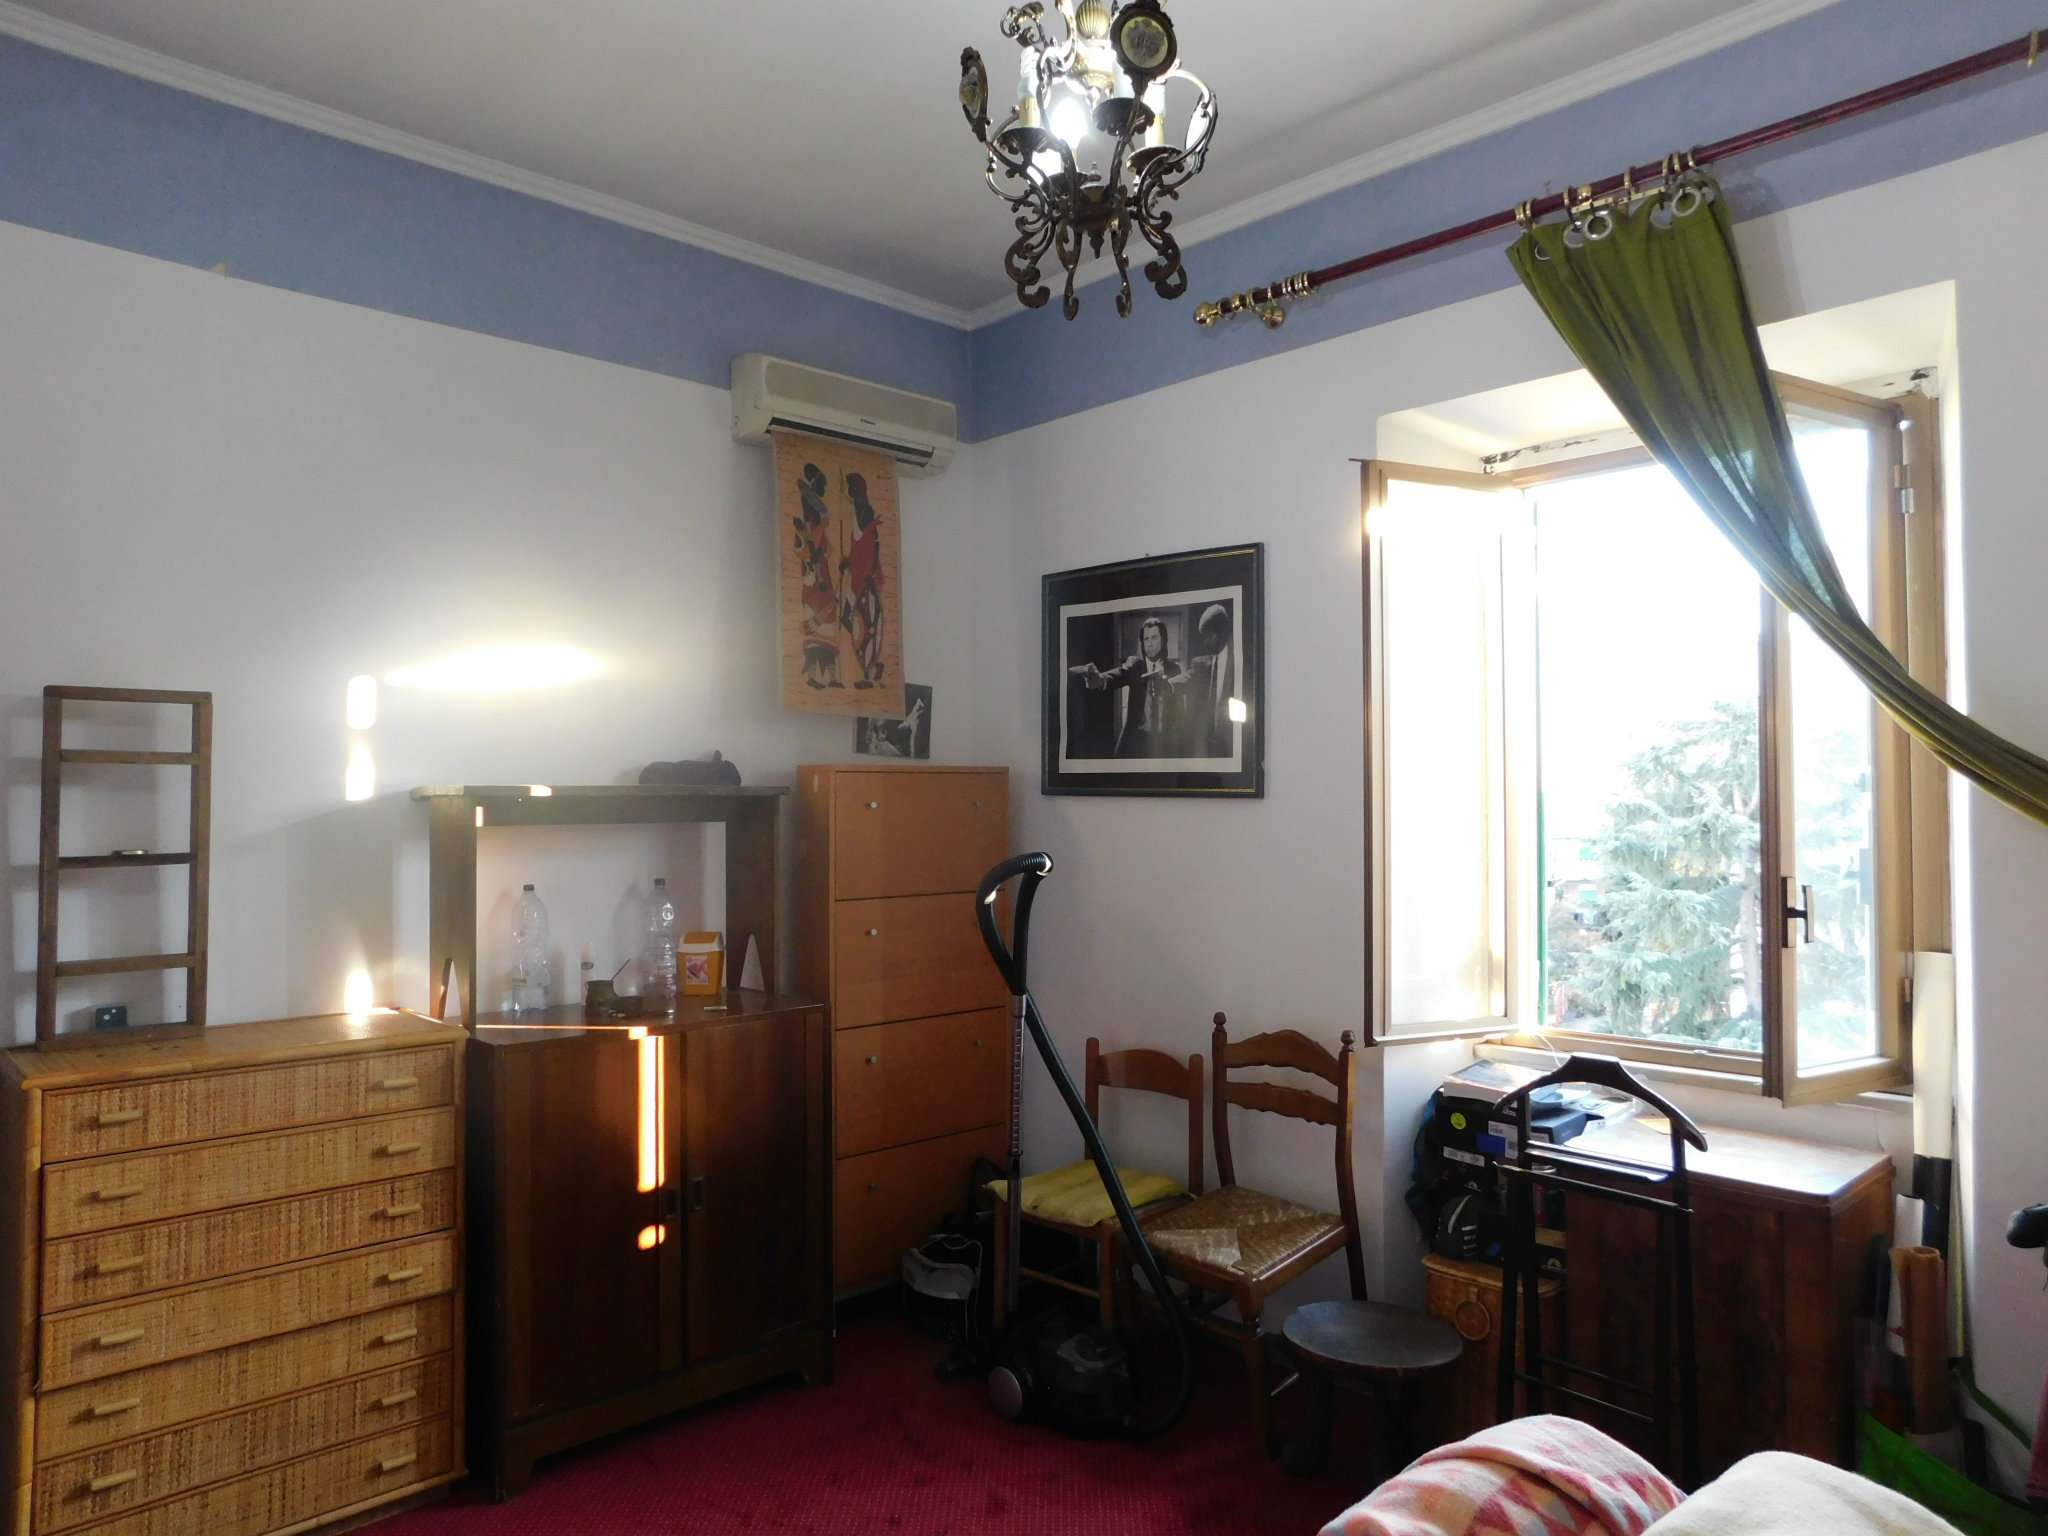 Appartamento in vendita a Roma, 1 locali, zona Zona: 11 . Centocelle, Alessandrino, Collatino, Prenestina, Villa Giordani, prezzo € 100.000   CambioCasa.it